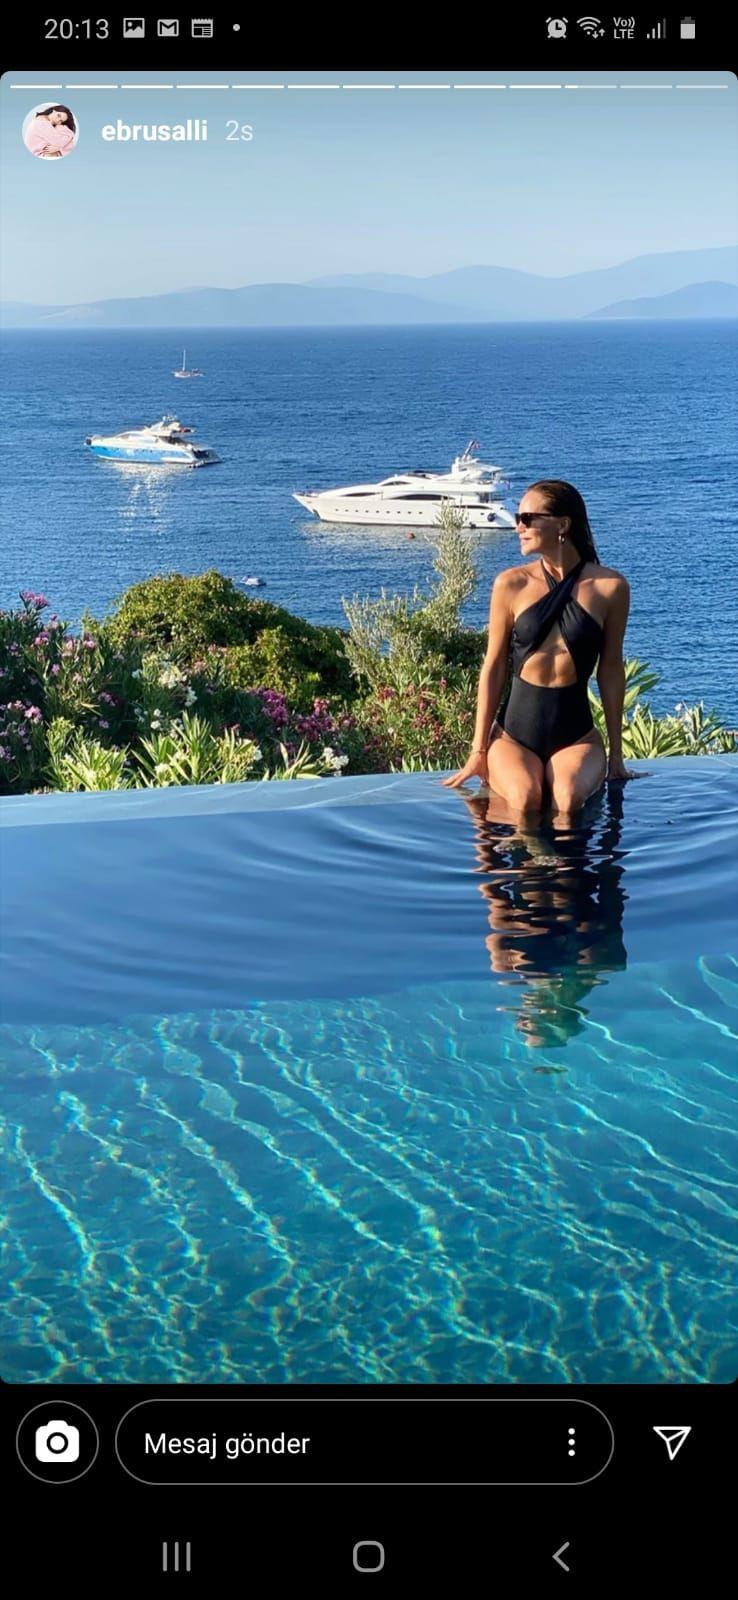 Ebru Şallı'dan eşiyle havuz başında tatil pozu - Resim: 2